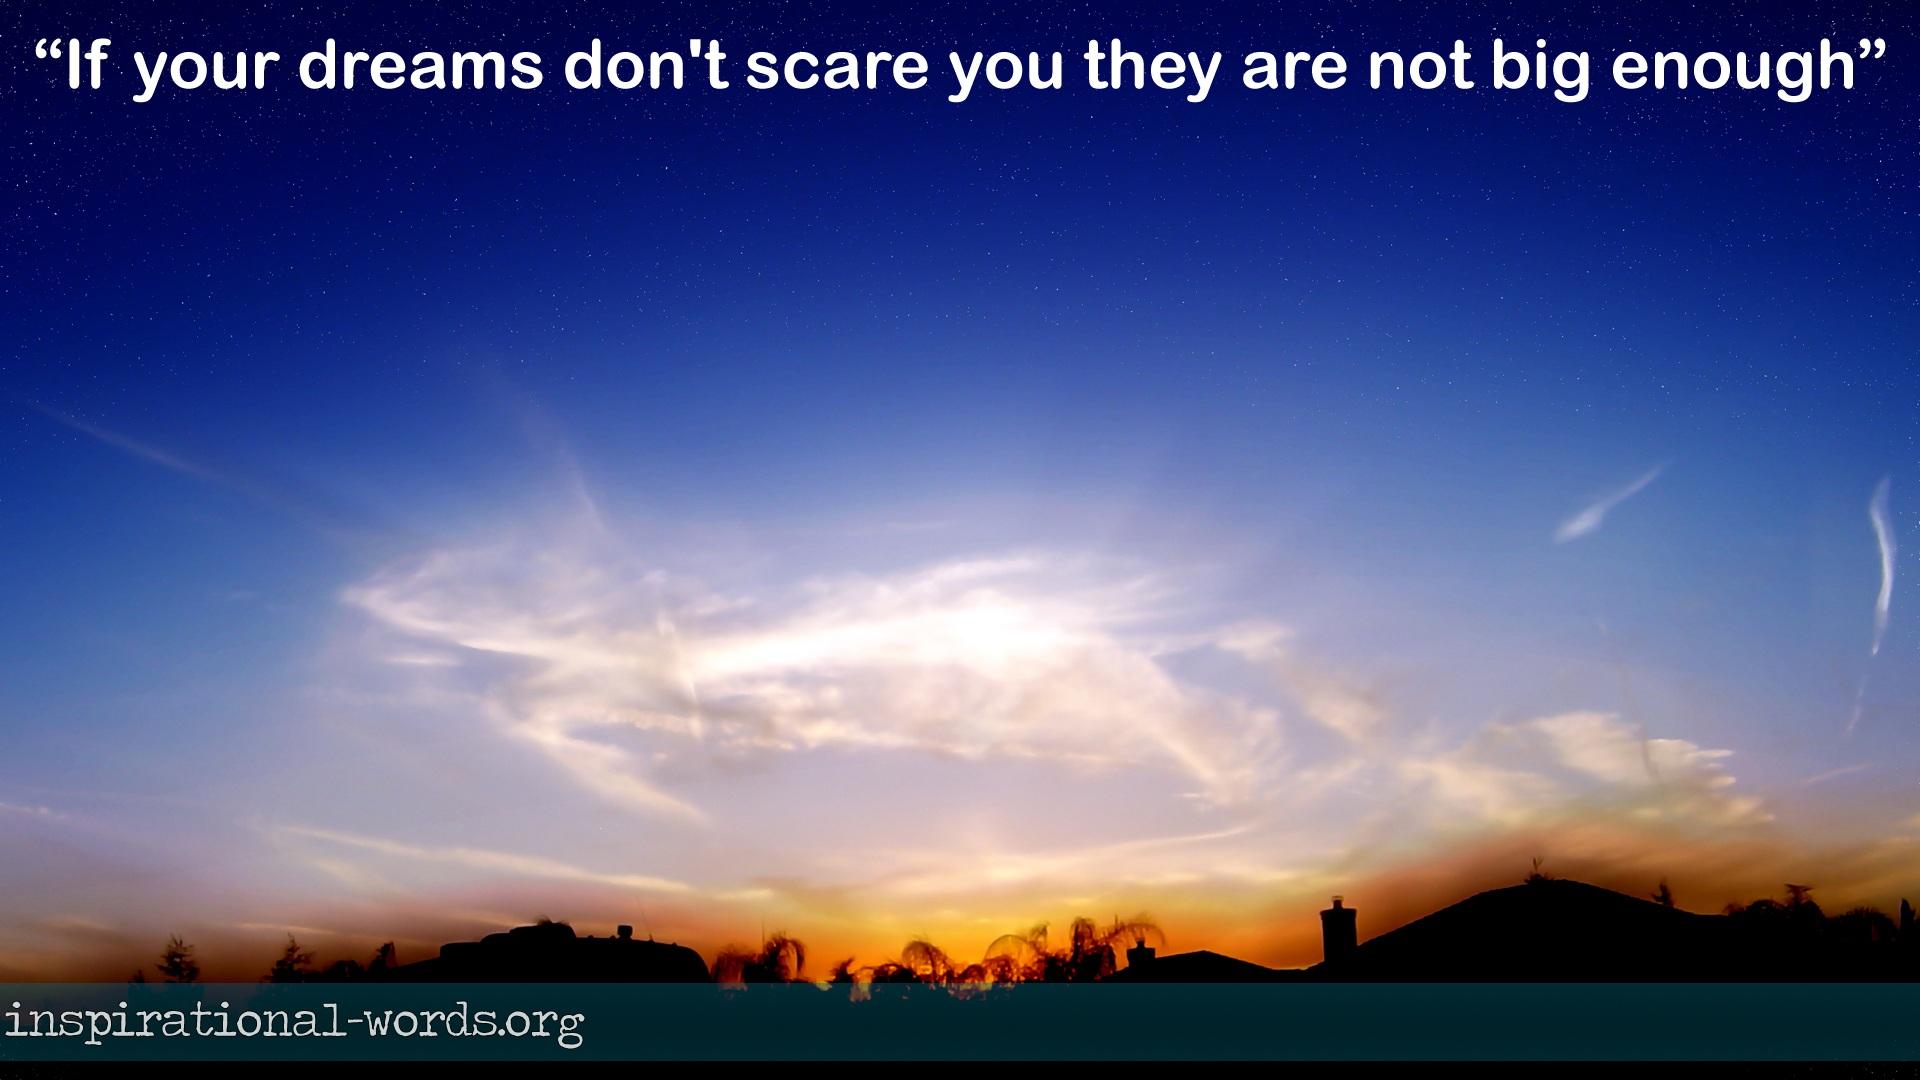 Inspirational Wallpaper Quote. Big Dreams